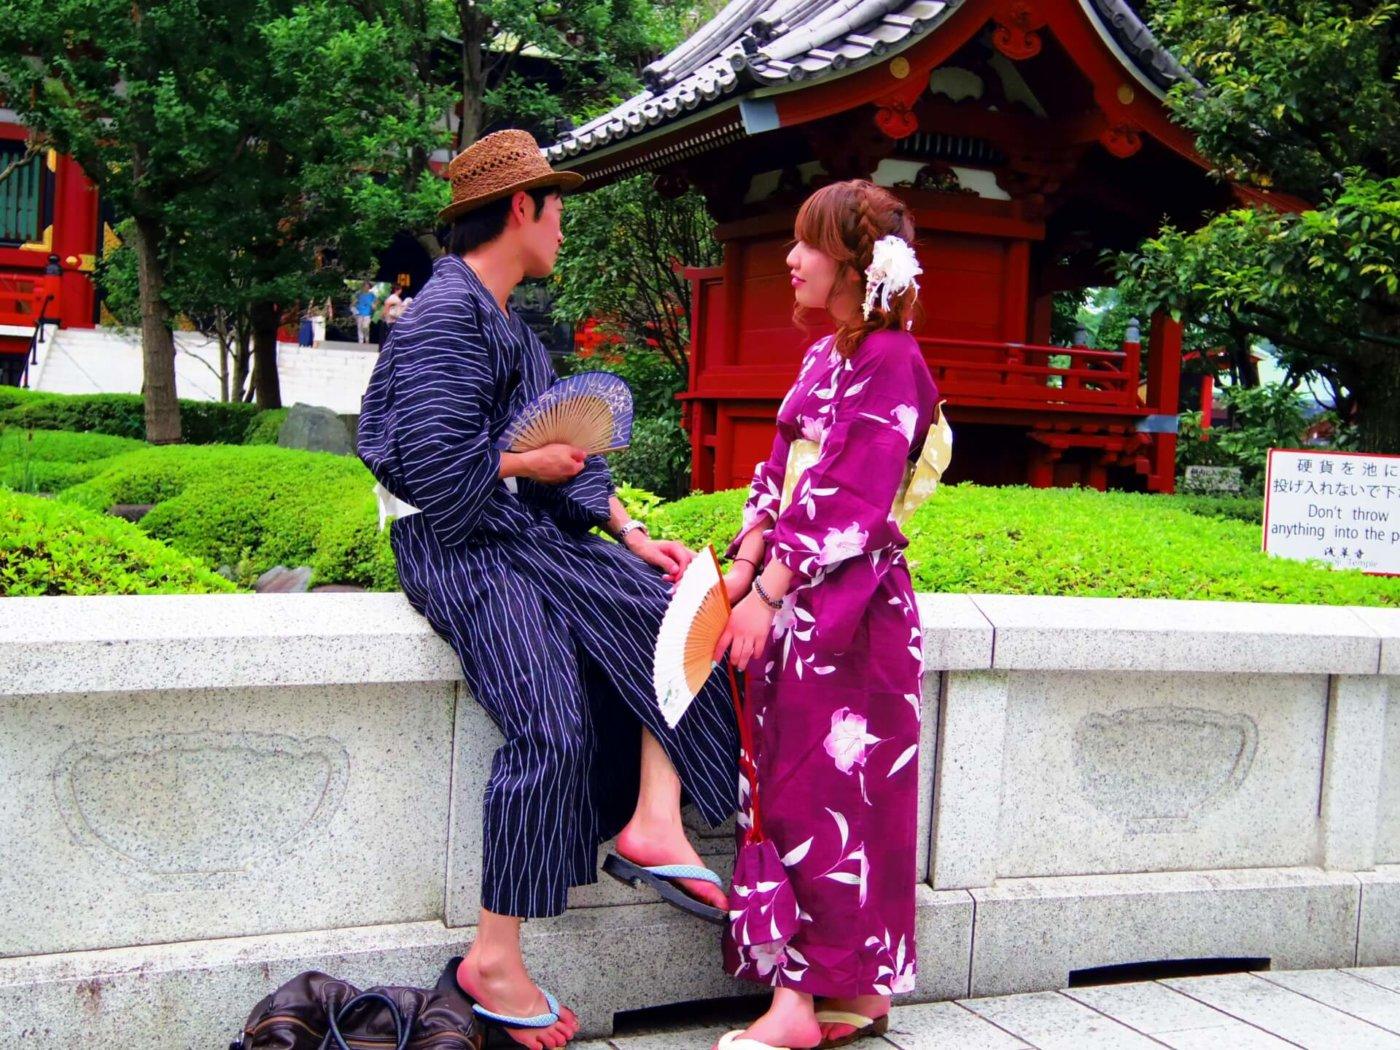 夏祭りに行く時には男性も服装を考えよう!